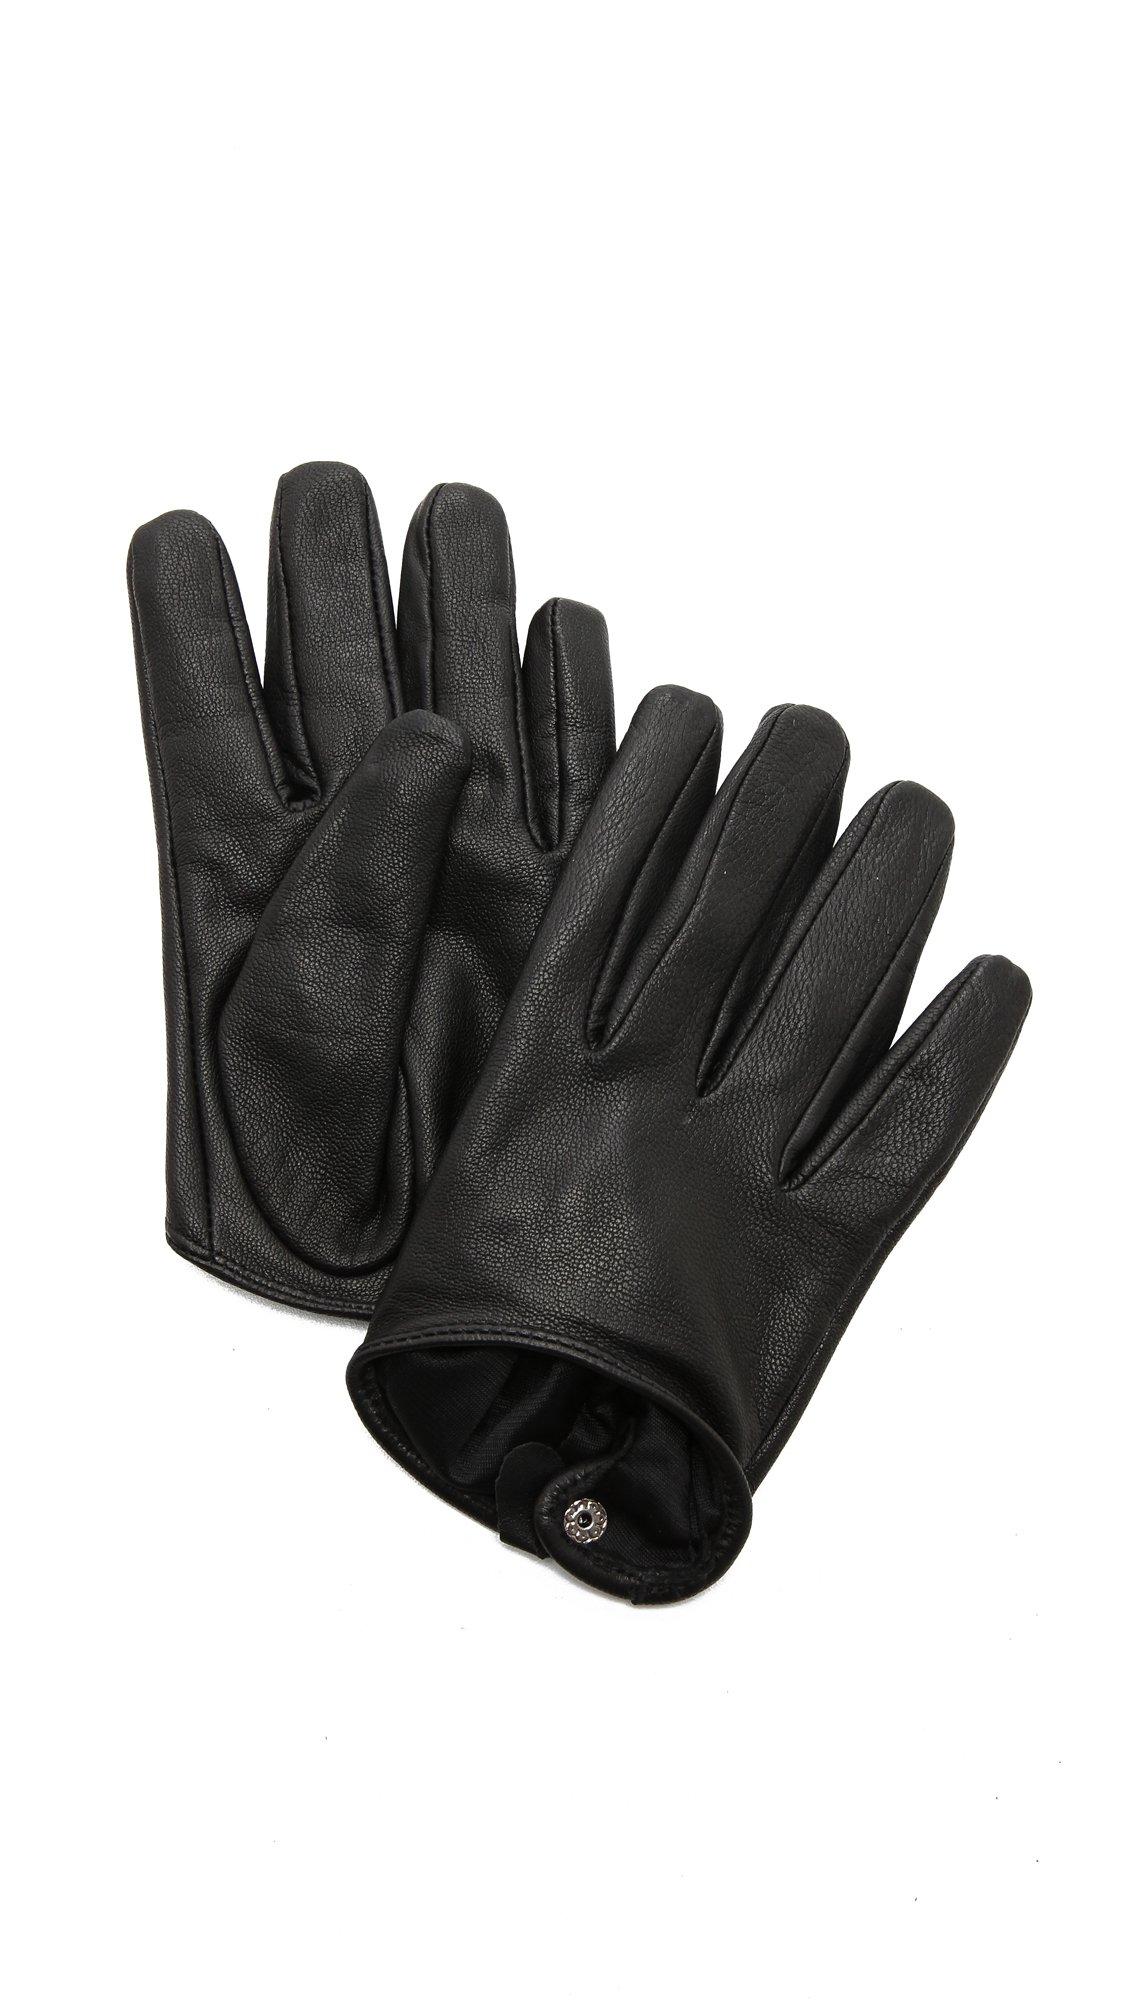 Carolina Amato Women's Short Leather Gloves, Black, Medium